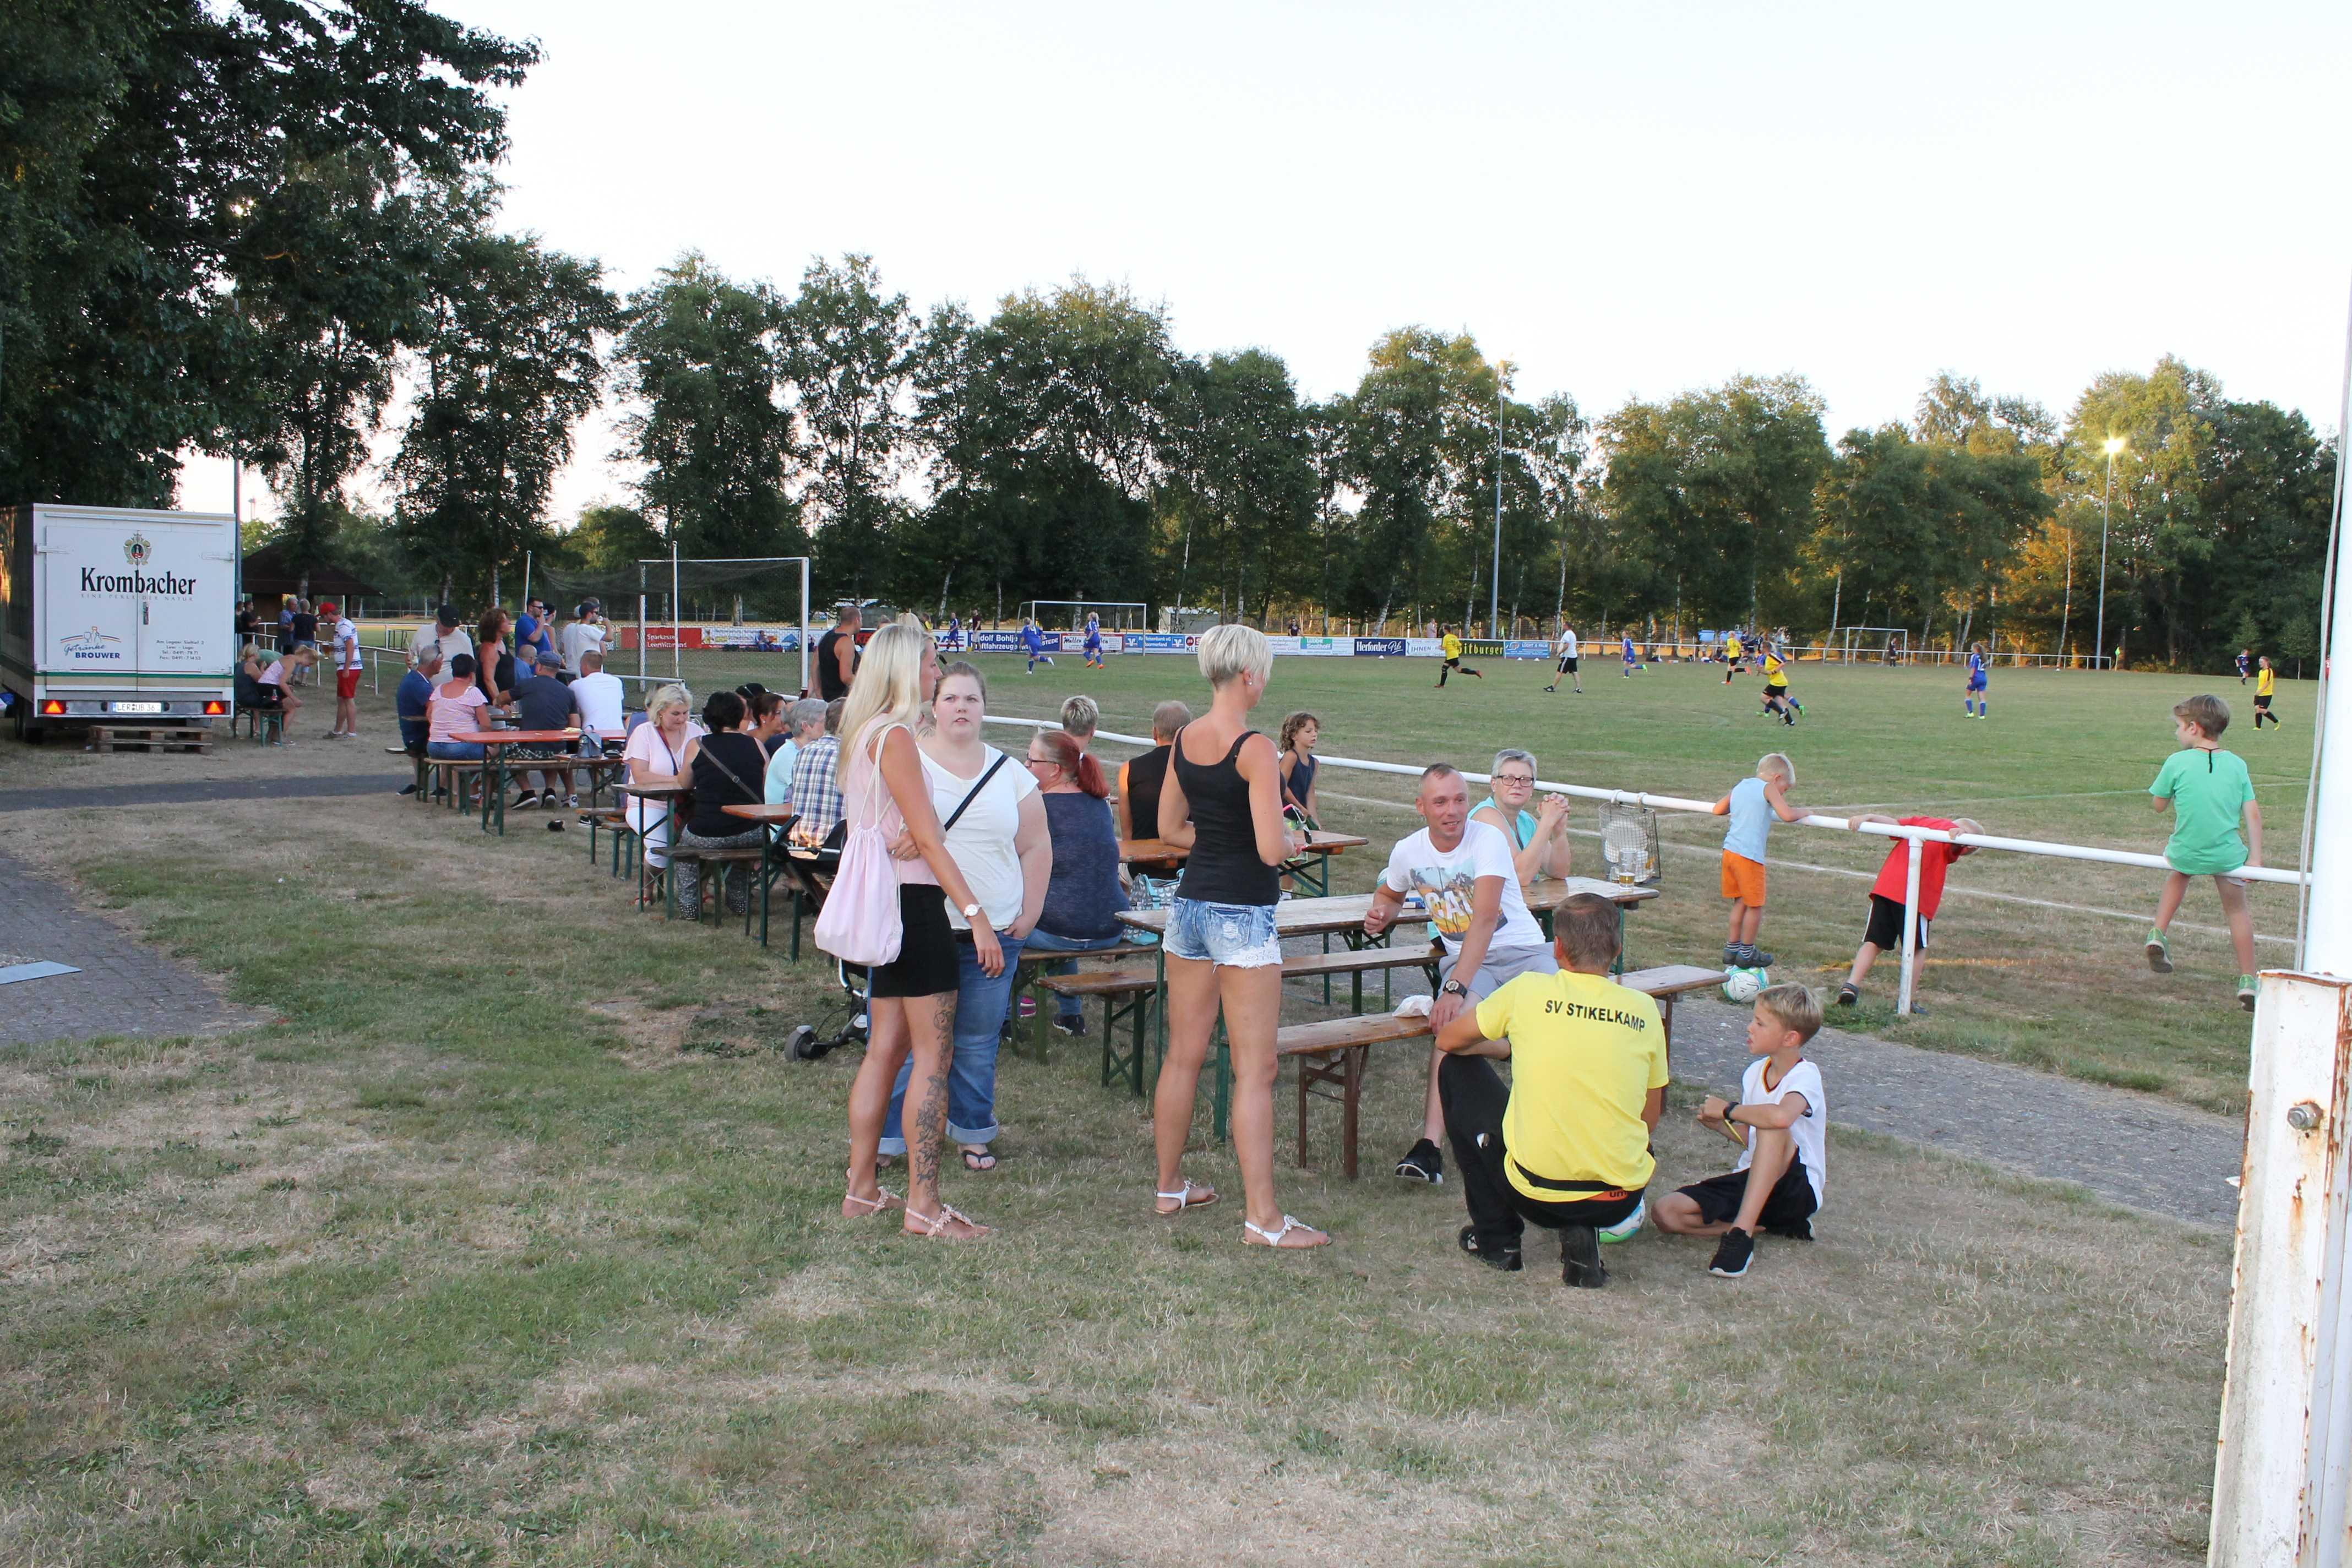 2018-07-26 Sportwoche - Cocktailabend & Damenturnier (21)